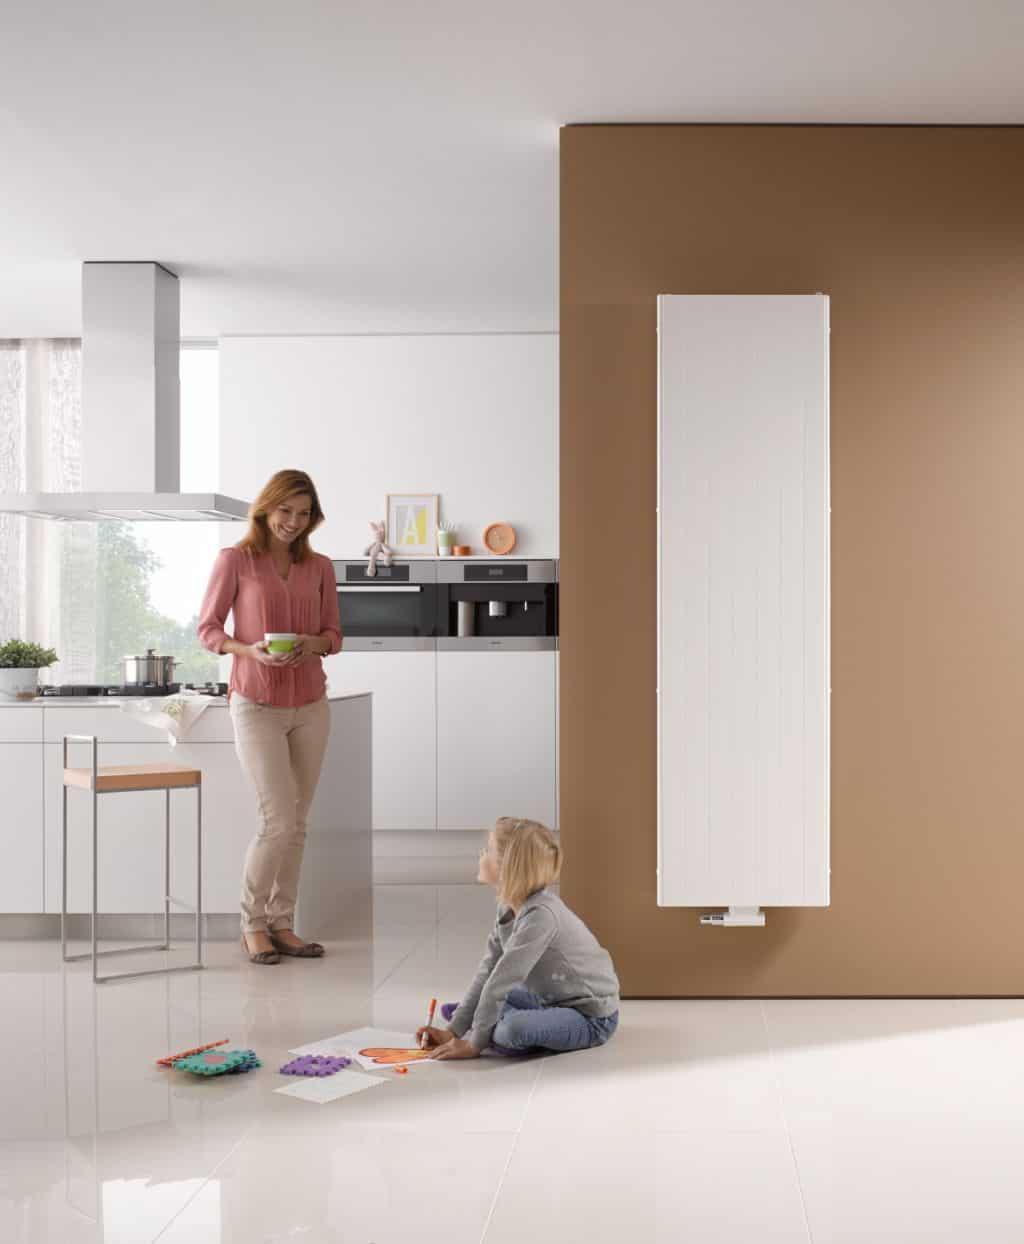 kermi modern sporn radi tory s nad asov m vzhledem. Black Bedroom Furniture Sets. Home Design Ideas